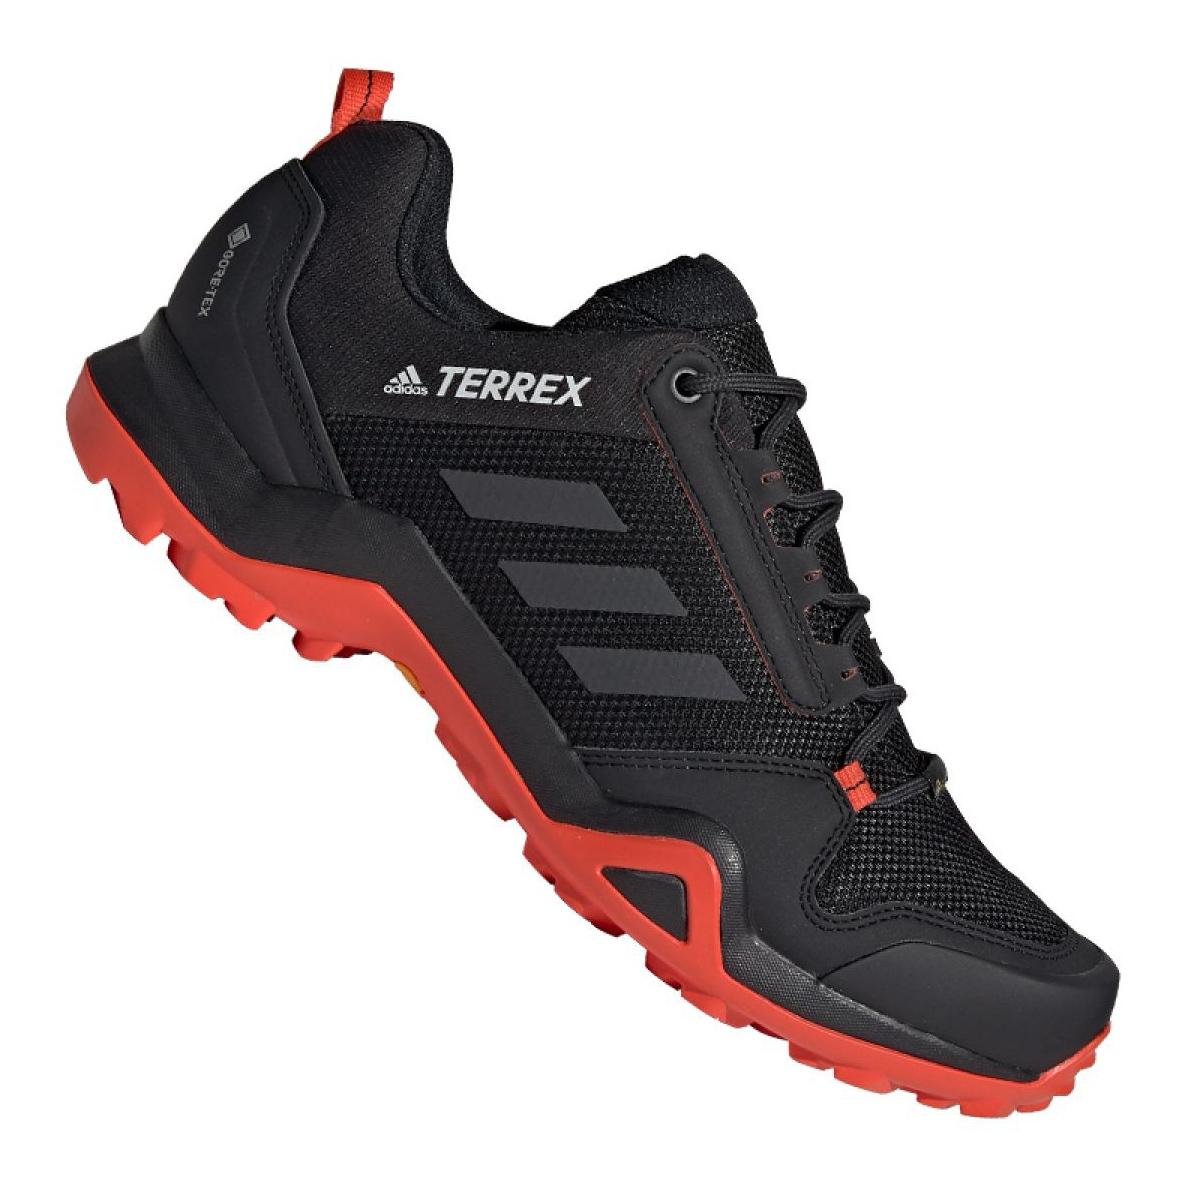 Details about Adidas Terrex AX3 Gtx M G26578 shoes black